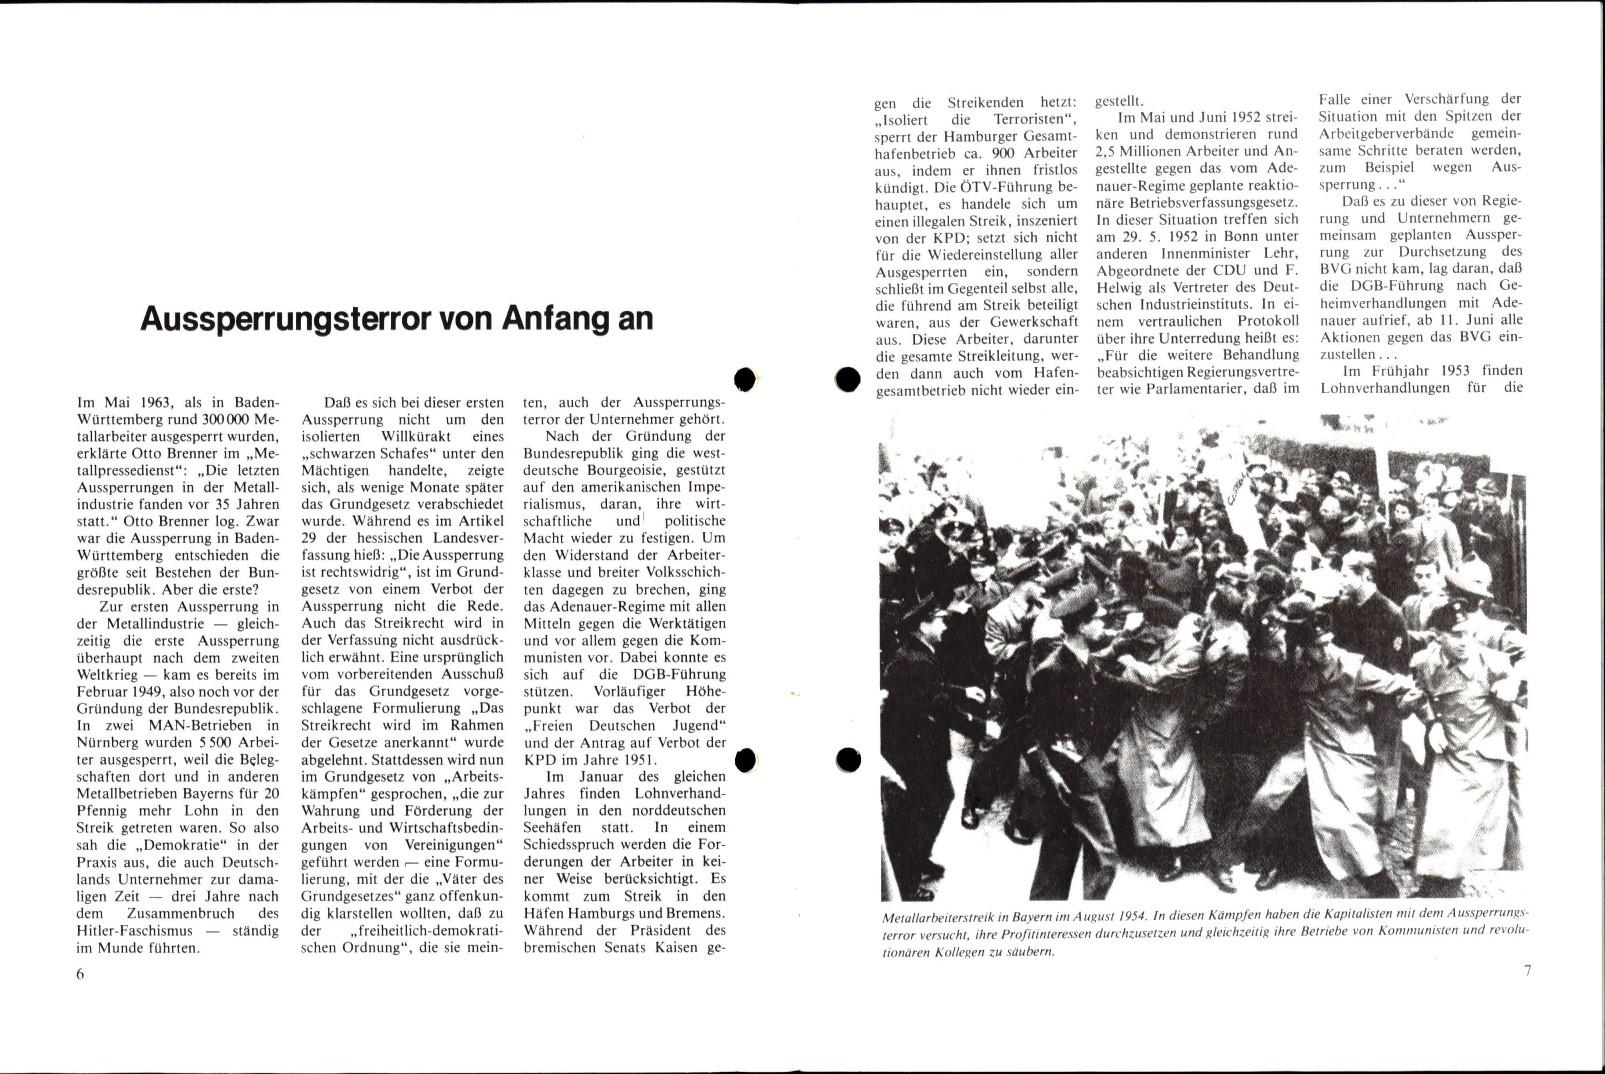 KPDML_1979_Aussperrung_verbieten_04